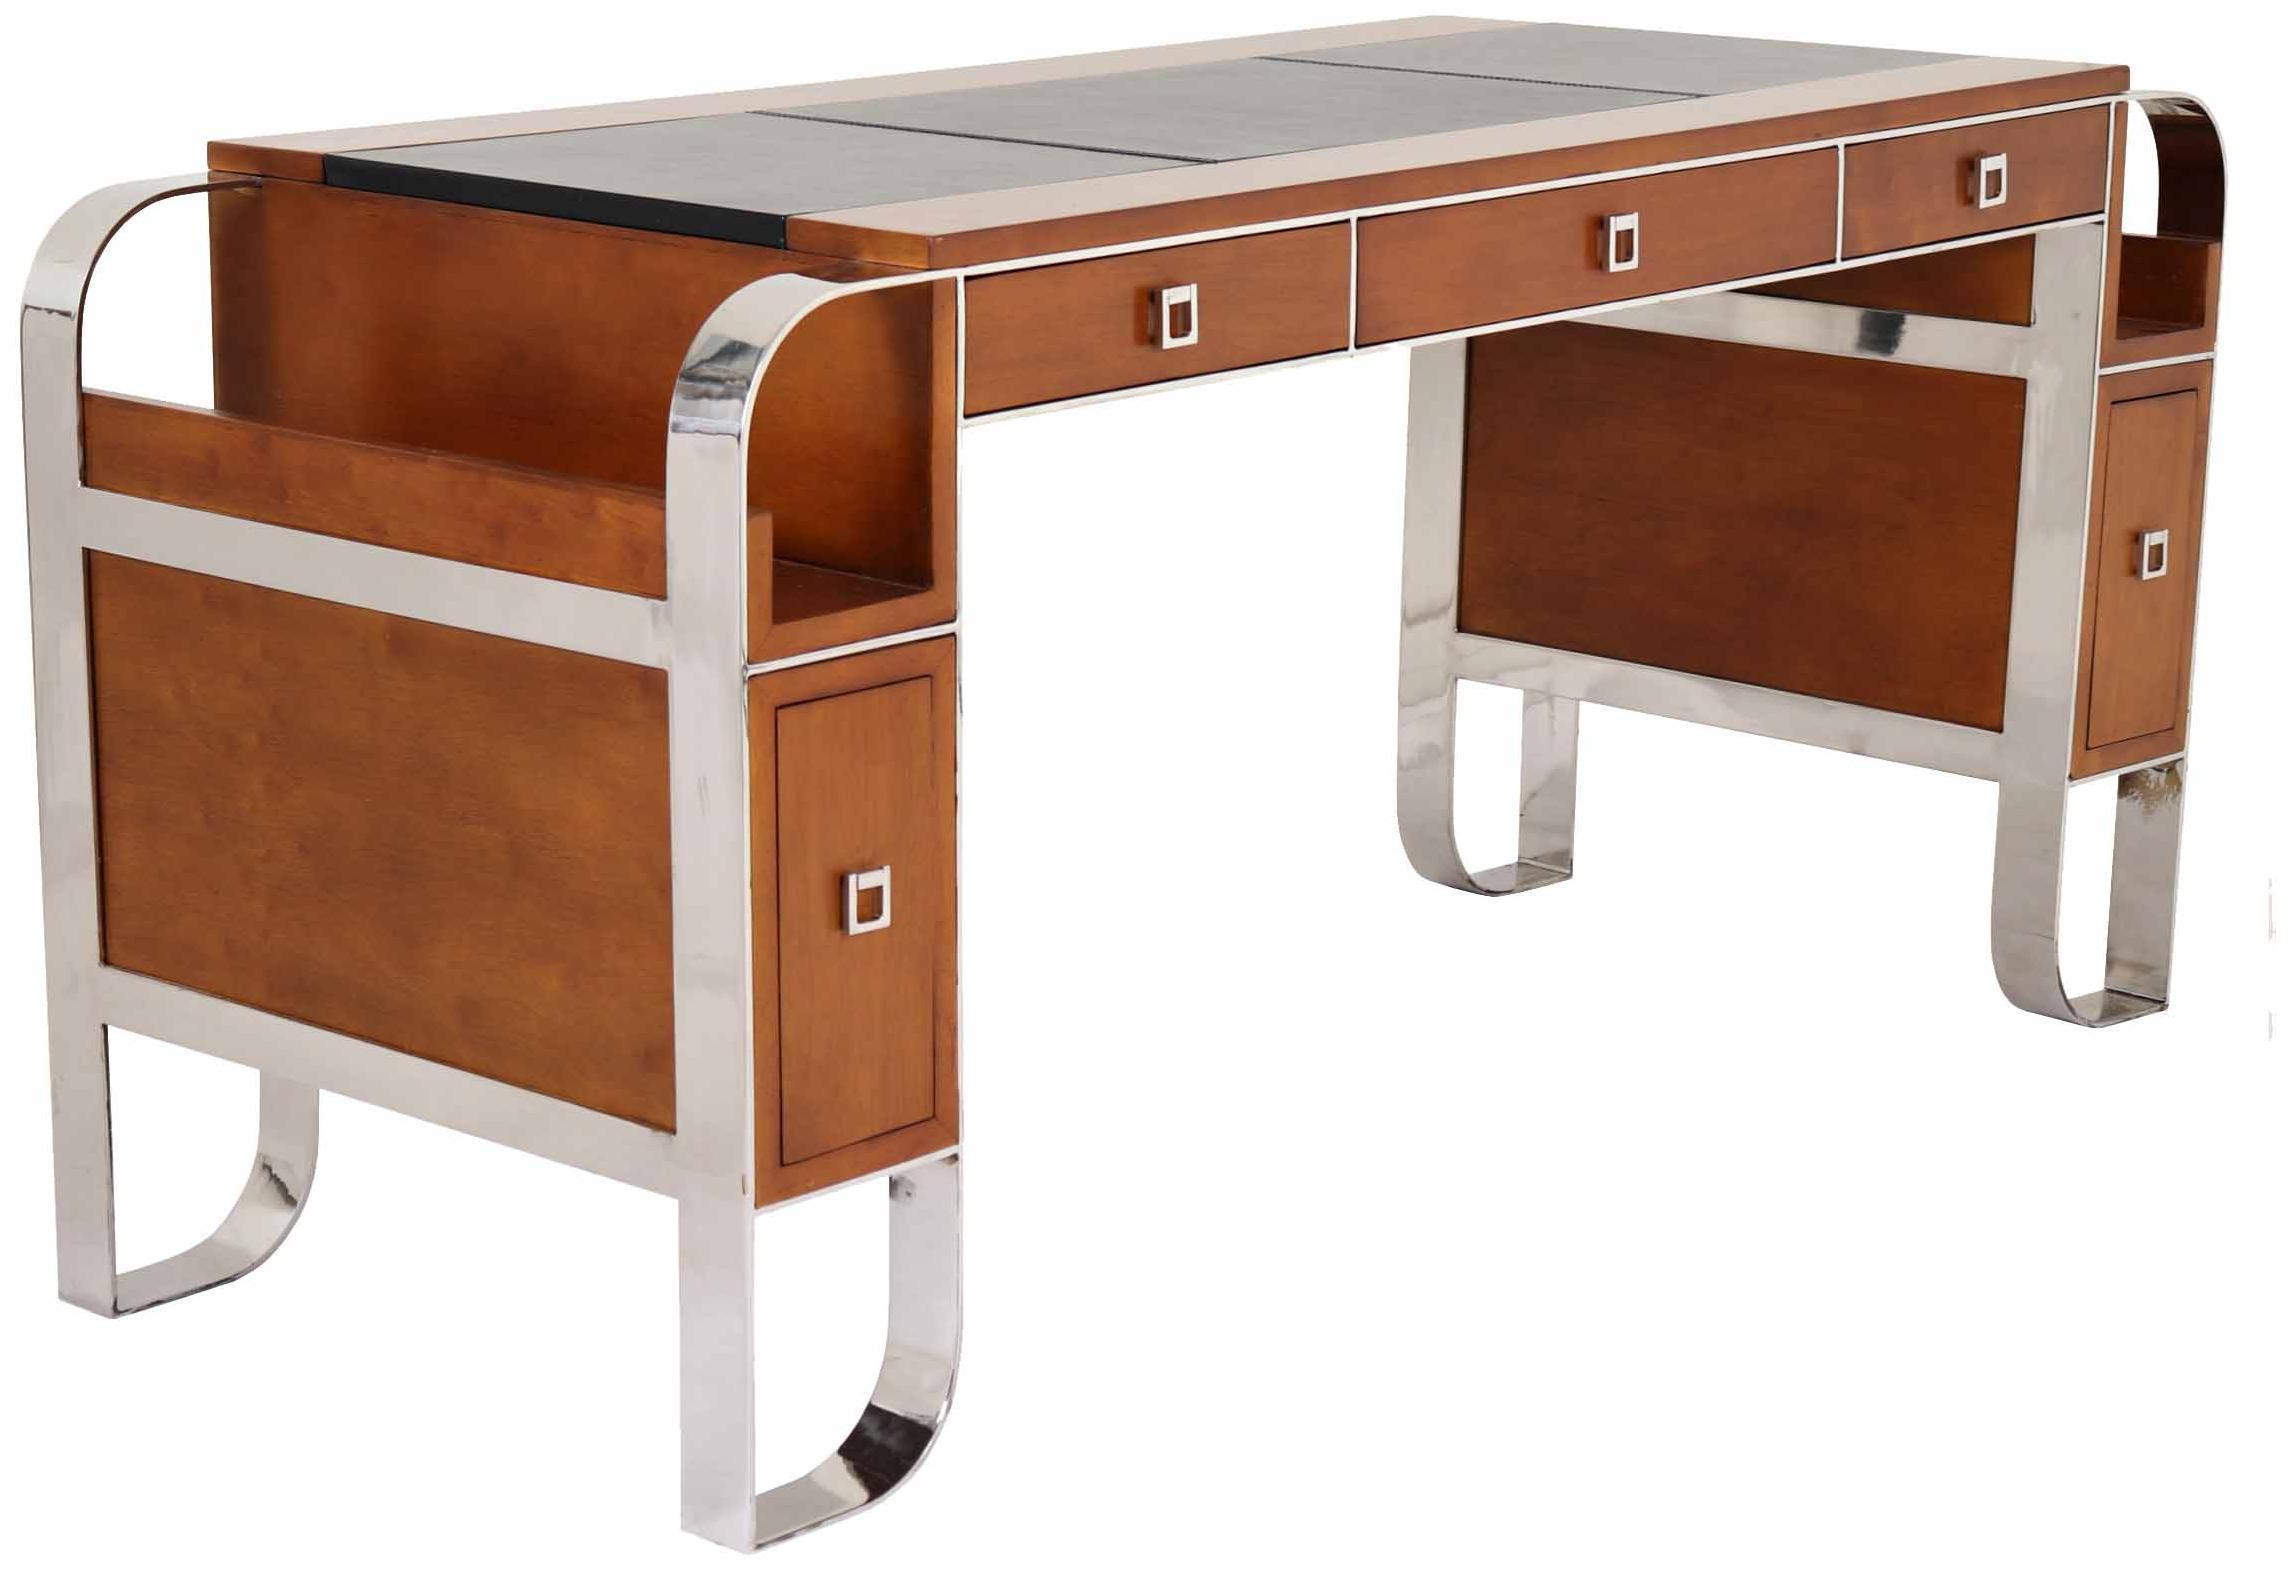 Bureau secrétaire en bois noir et doré de style meubles japonais